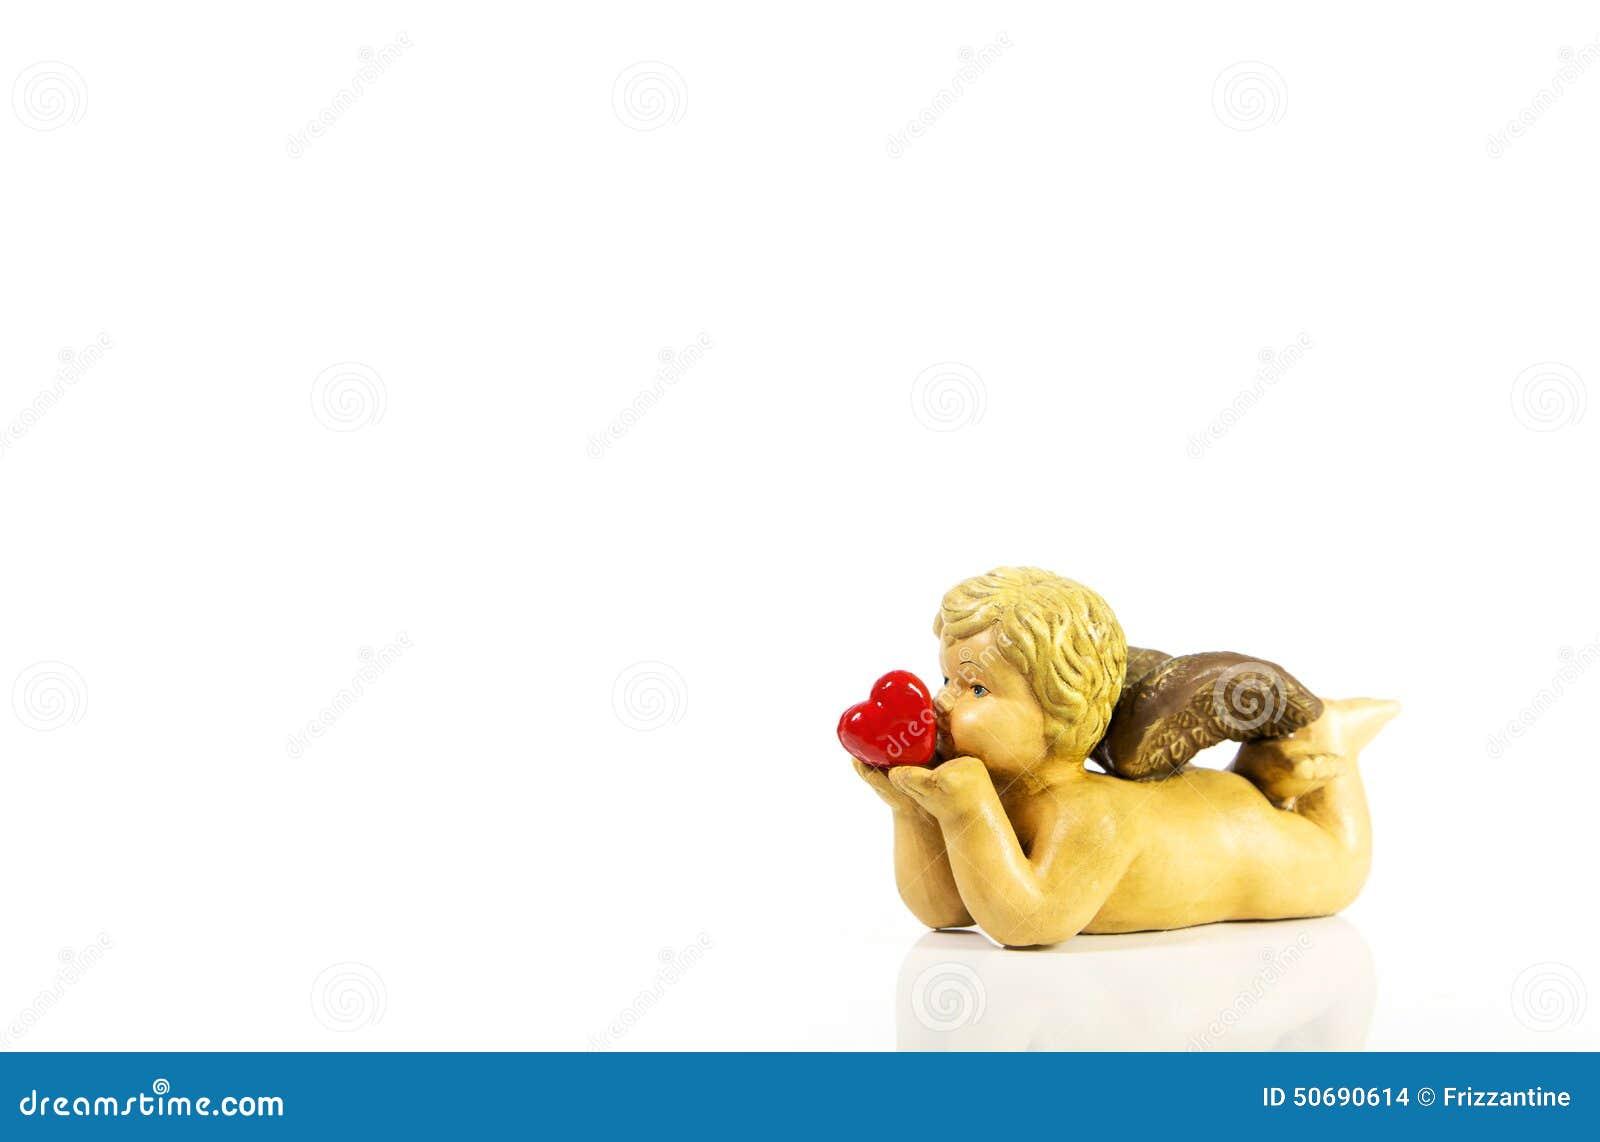 Download 被隔绝的逗人喜爱的婴孩天使在他的手上的拿着红色心脏 库存照片. 图片 包括有 逗人喜爱, 华伦泰, 感觉 - 50690614